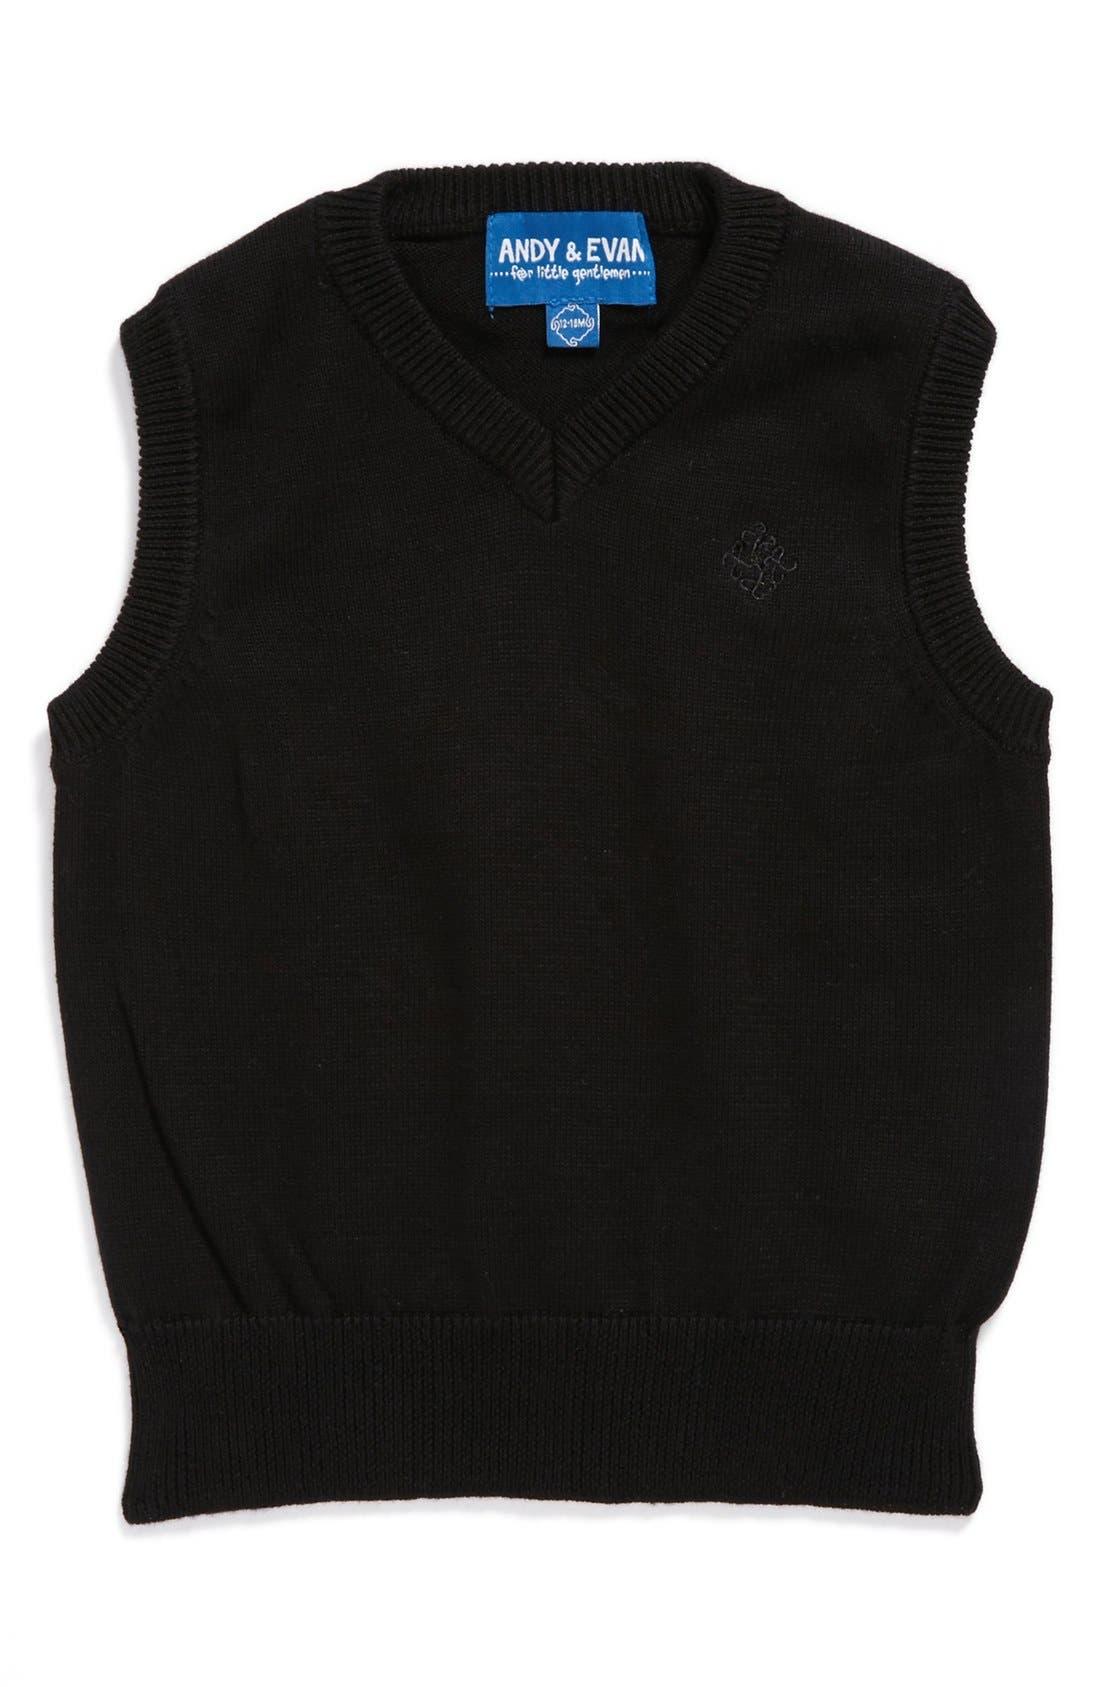 Main Image - Andy & Evan for little gentlemen Sweater Vest (Baby Boys)